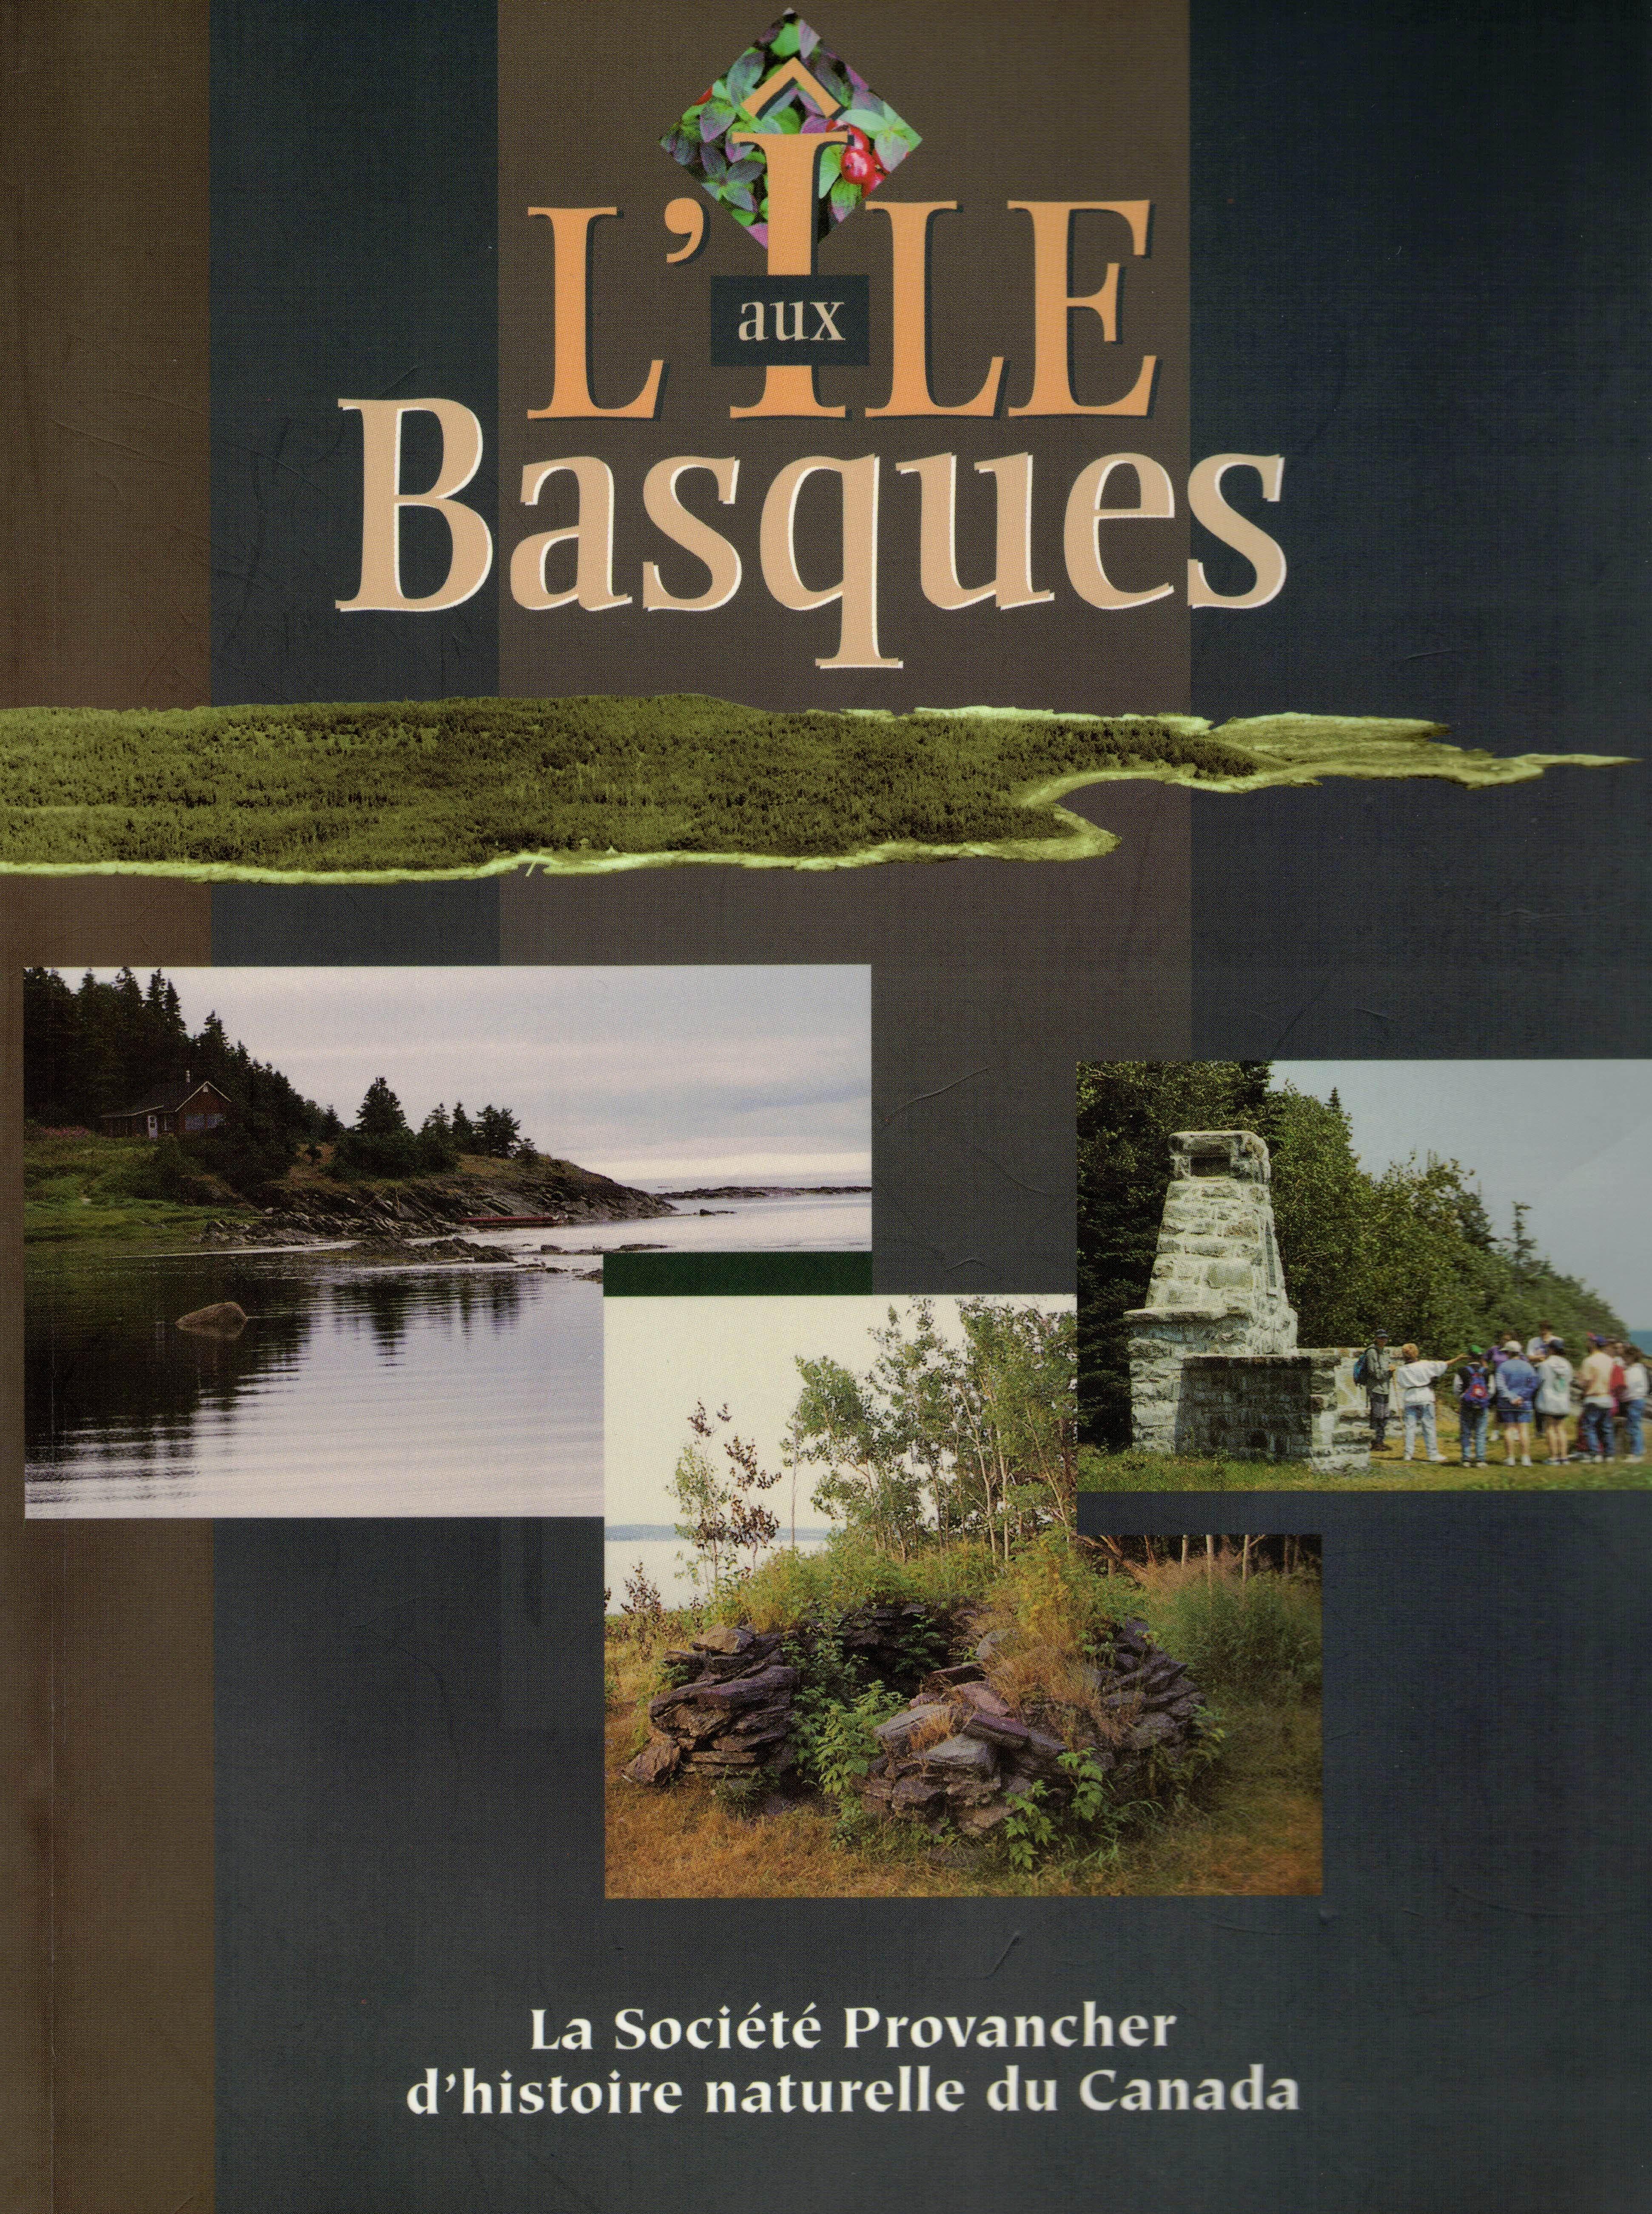 Volume: L'Île aux Basques. Société Provancher d'histoire naturelle. 263 p.